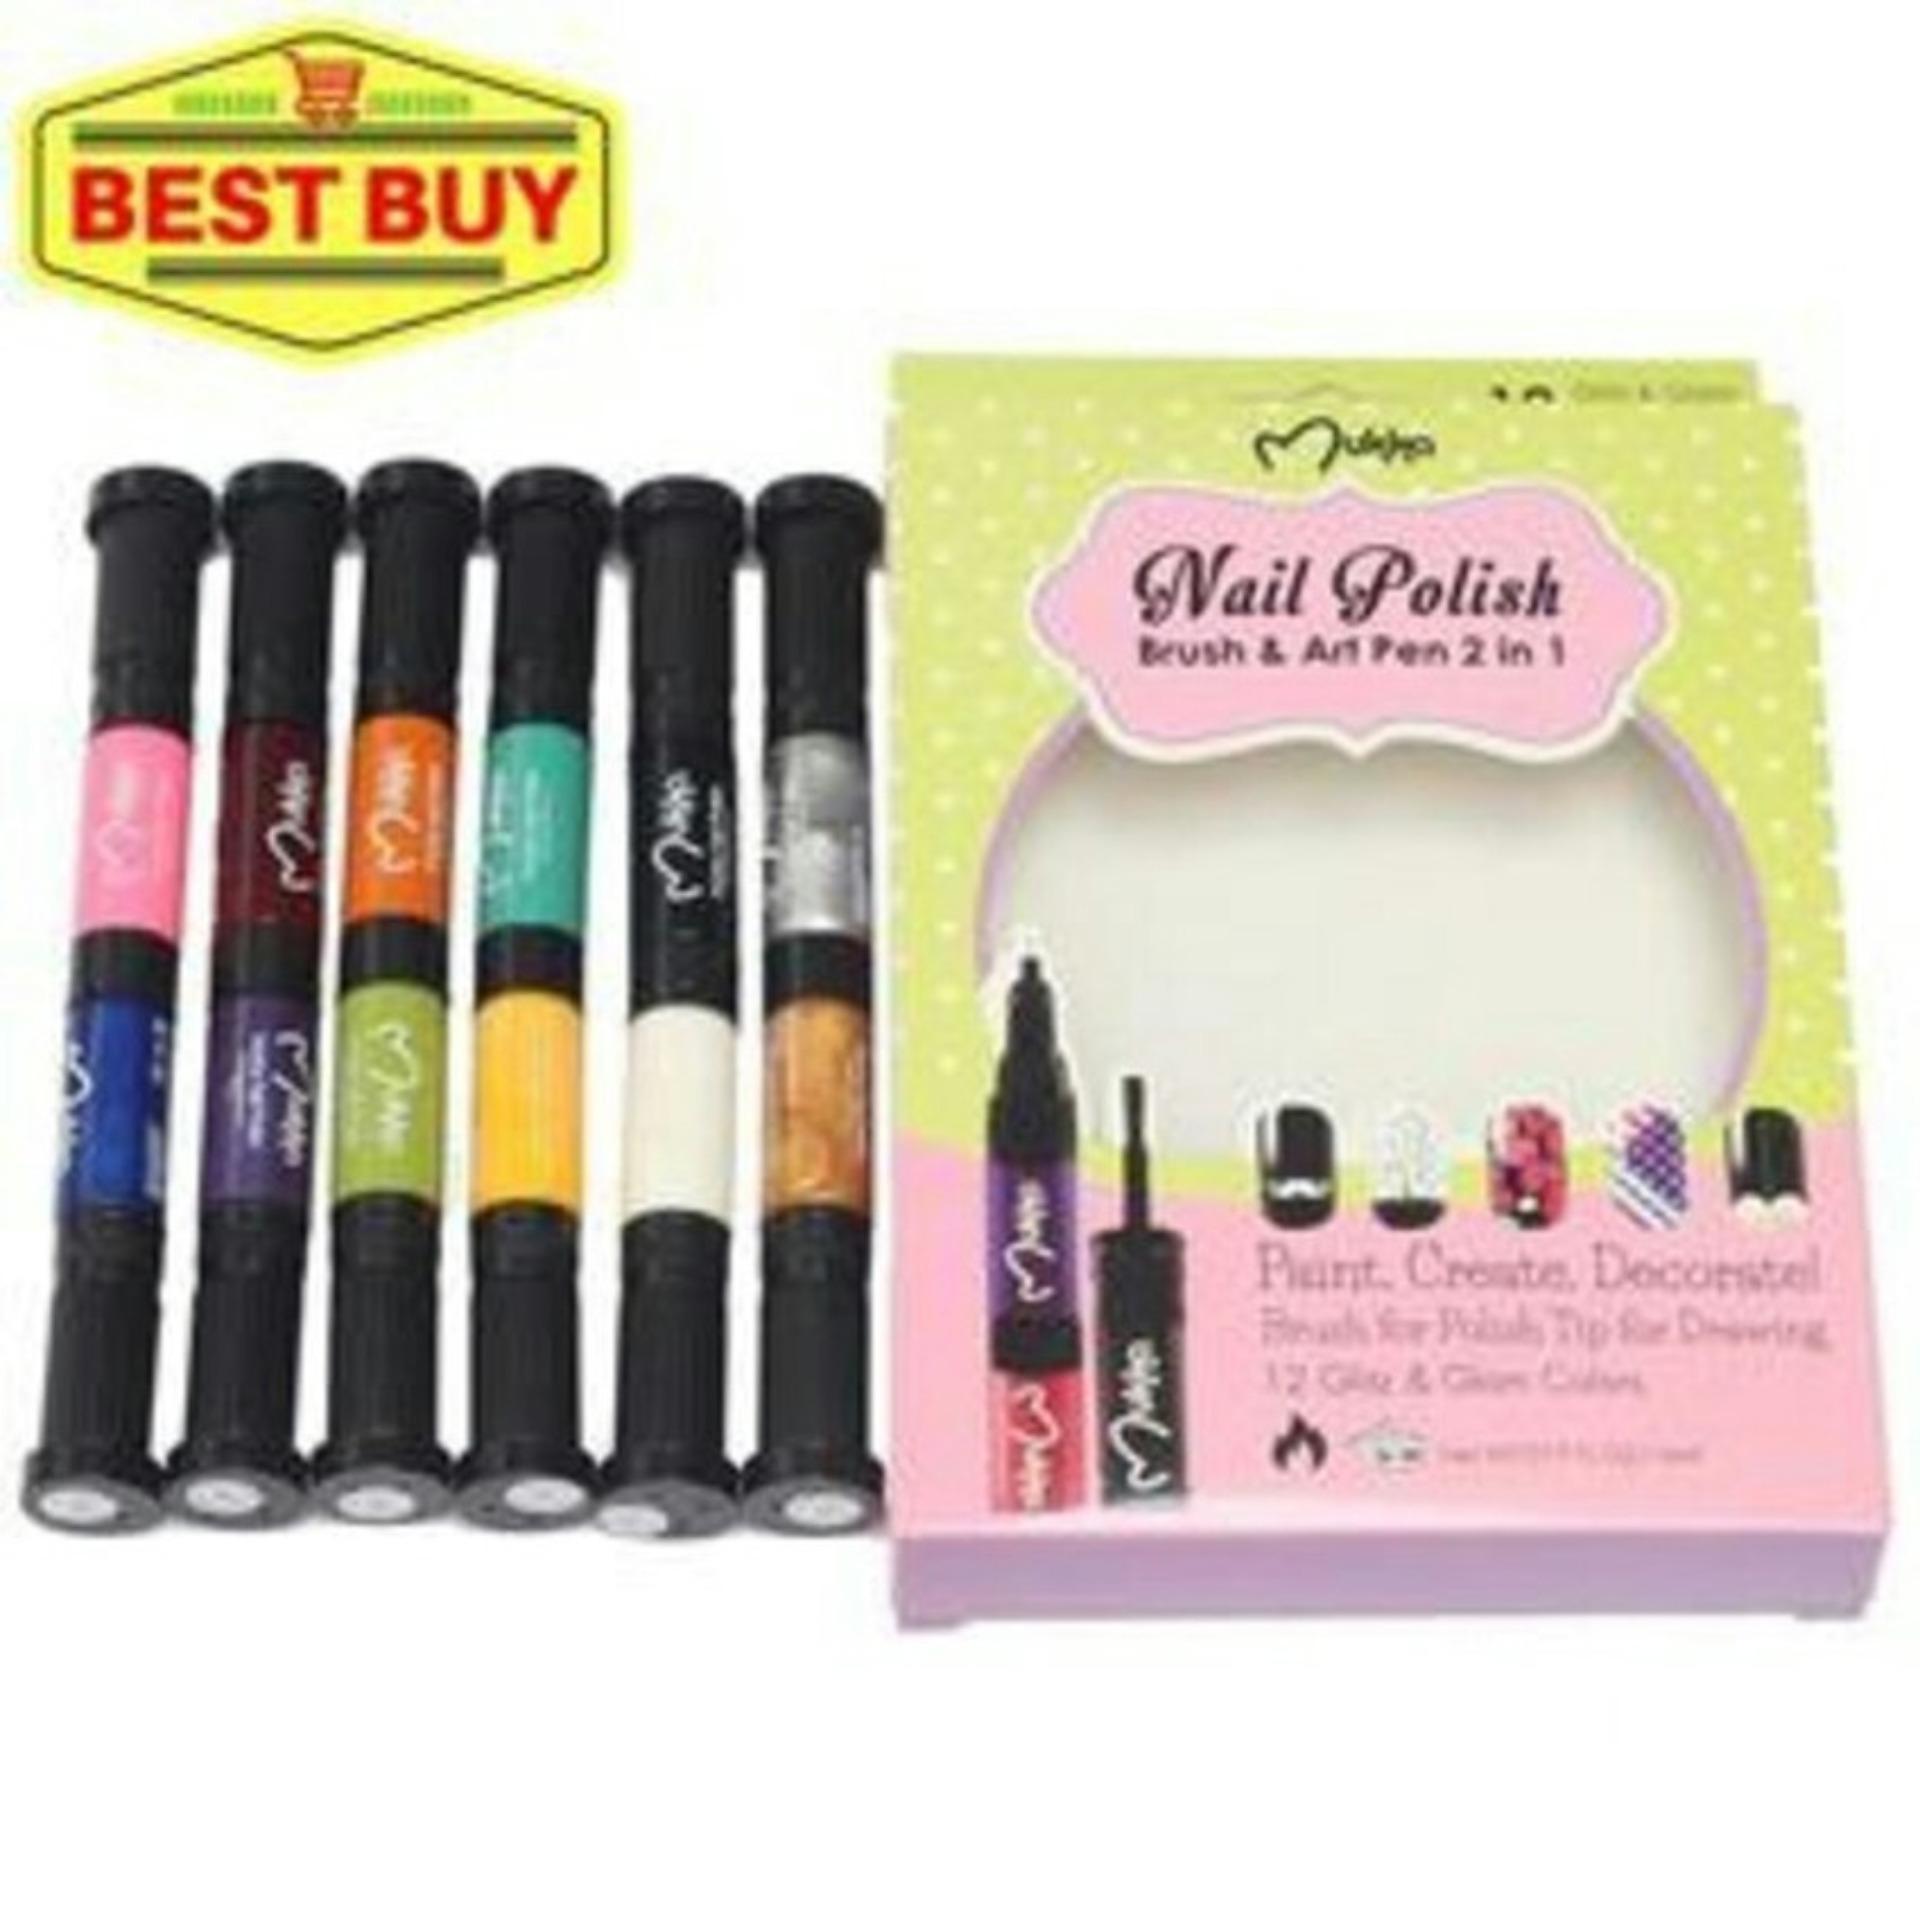 Harga preferensial Kutek pensil n kuas 2in1 Mukka Set beli sekarang - Hanya  Rp49.075 f25842a168